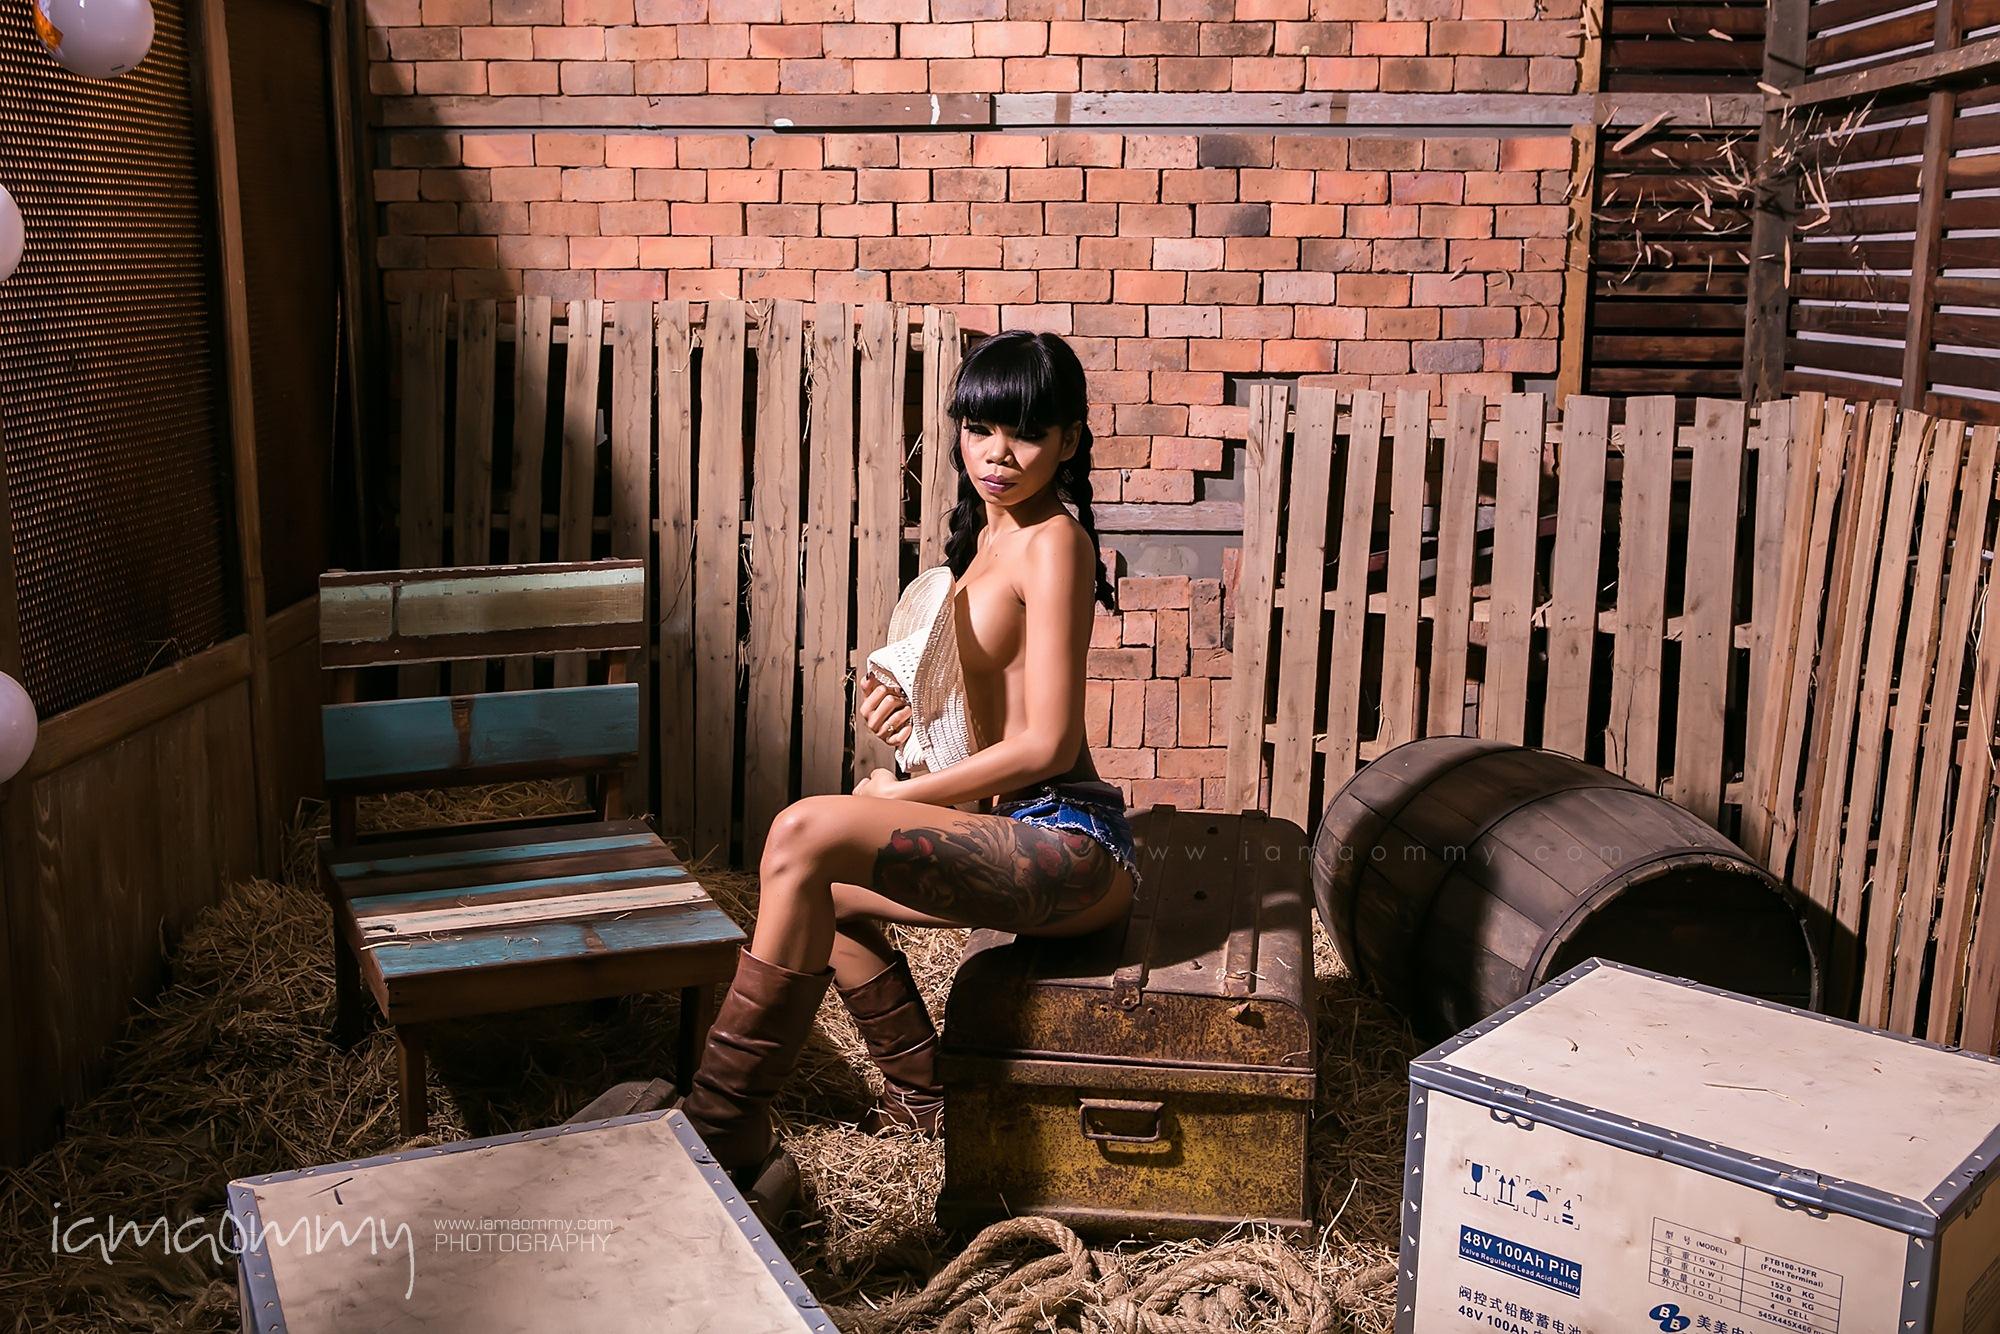 ถ่ายรูปเซ็กซี่_Annie_sexy_397